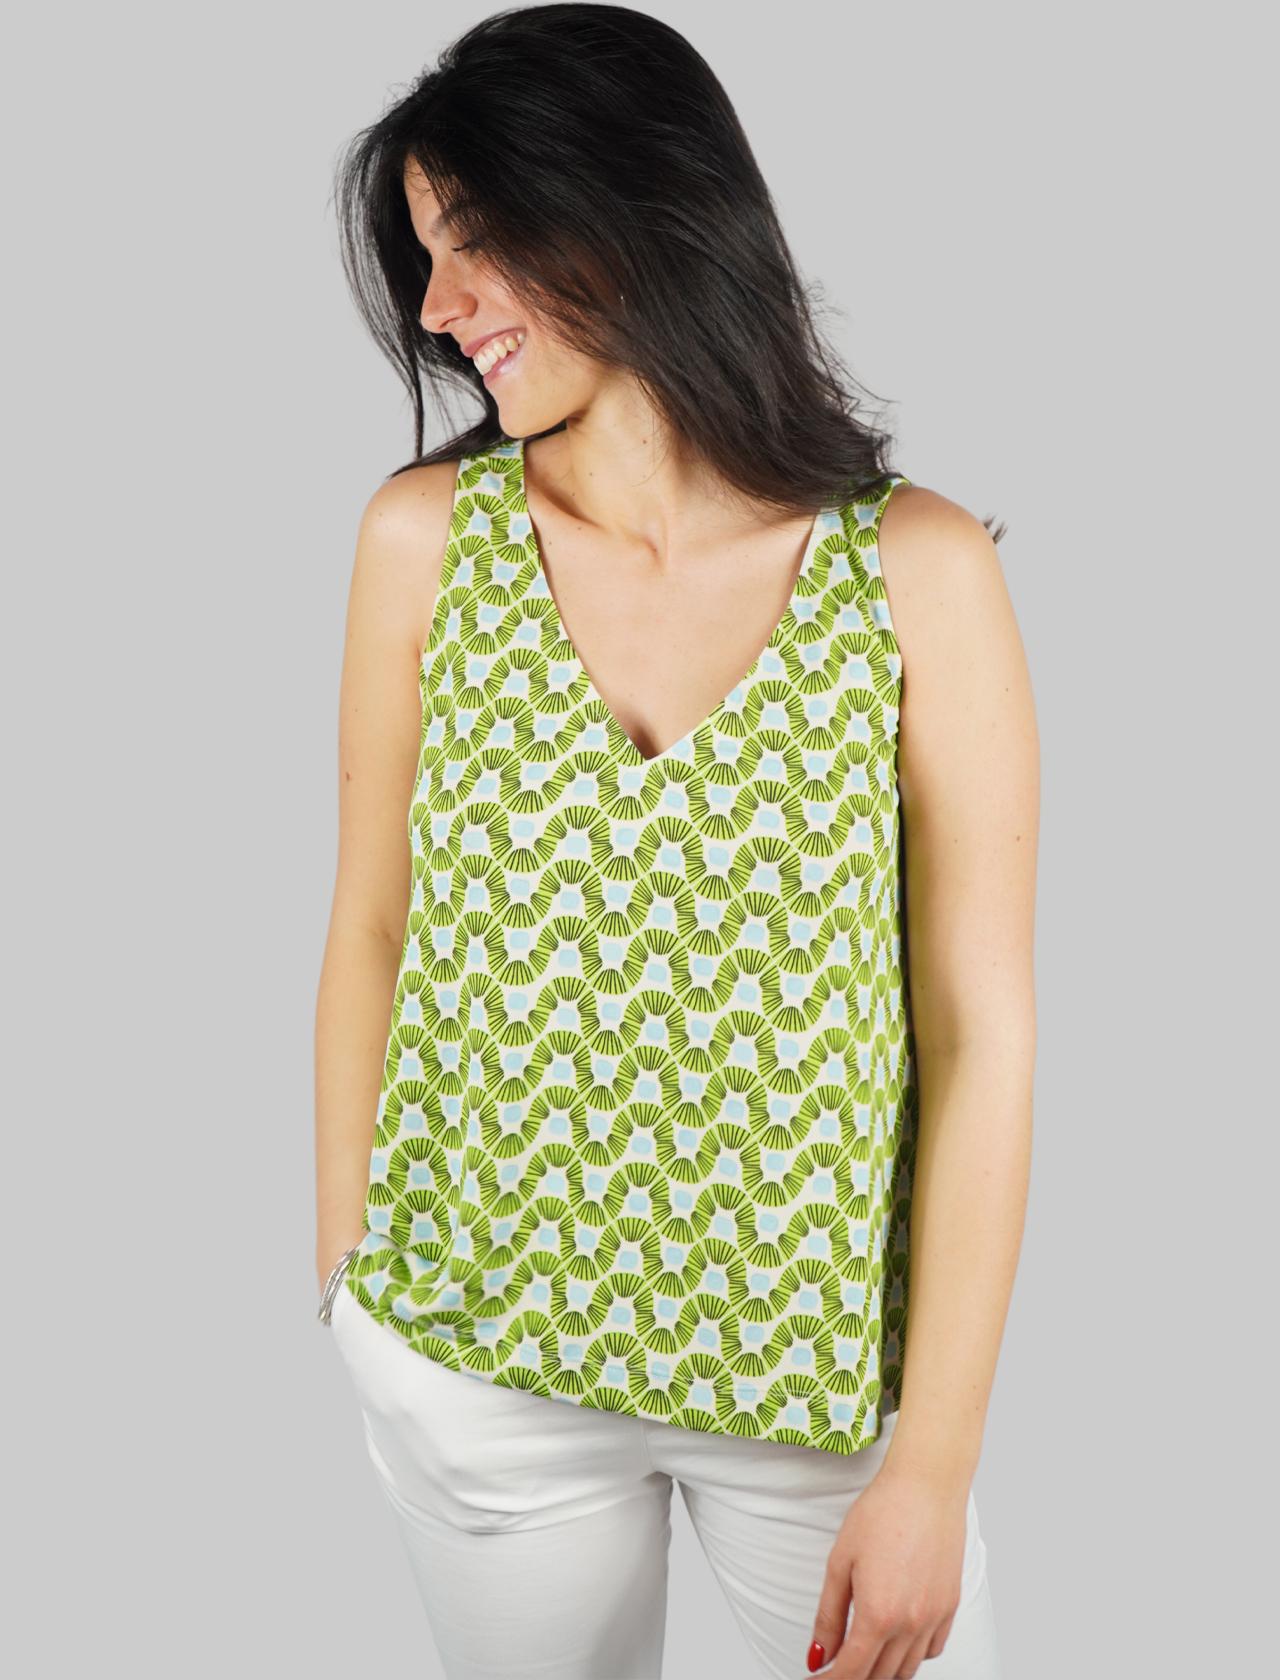 Abbigliamento Donna Top Jersey Happy Frame a Fantasia Verde e Turchese Maliparmi | Camicie e Top | JP539470493C6015